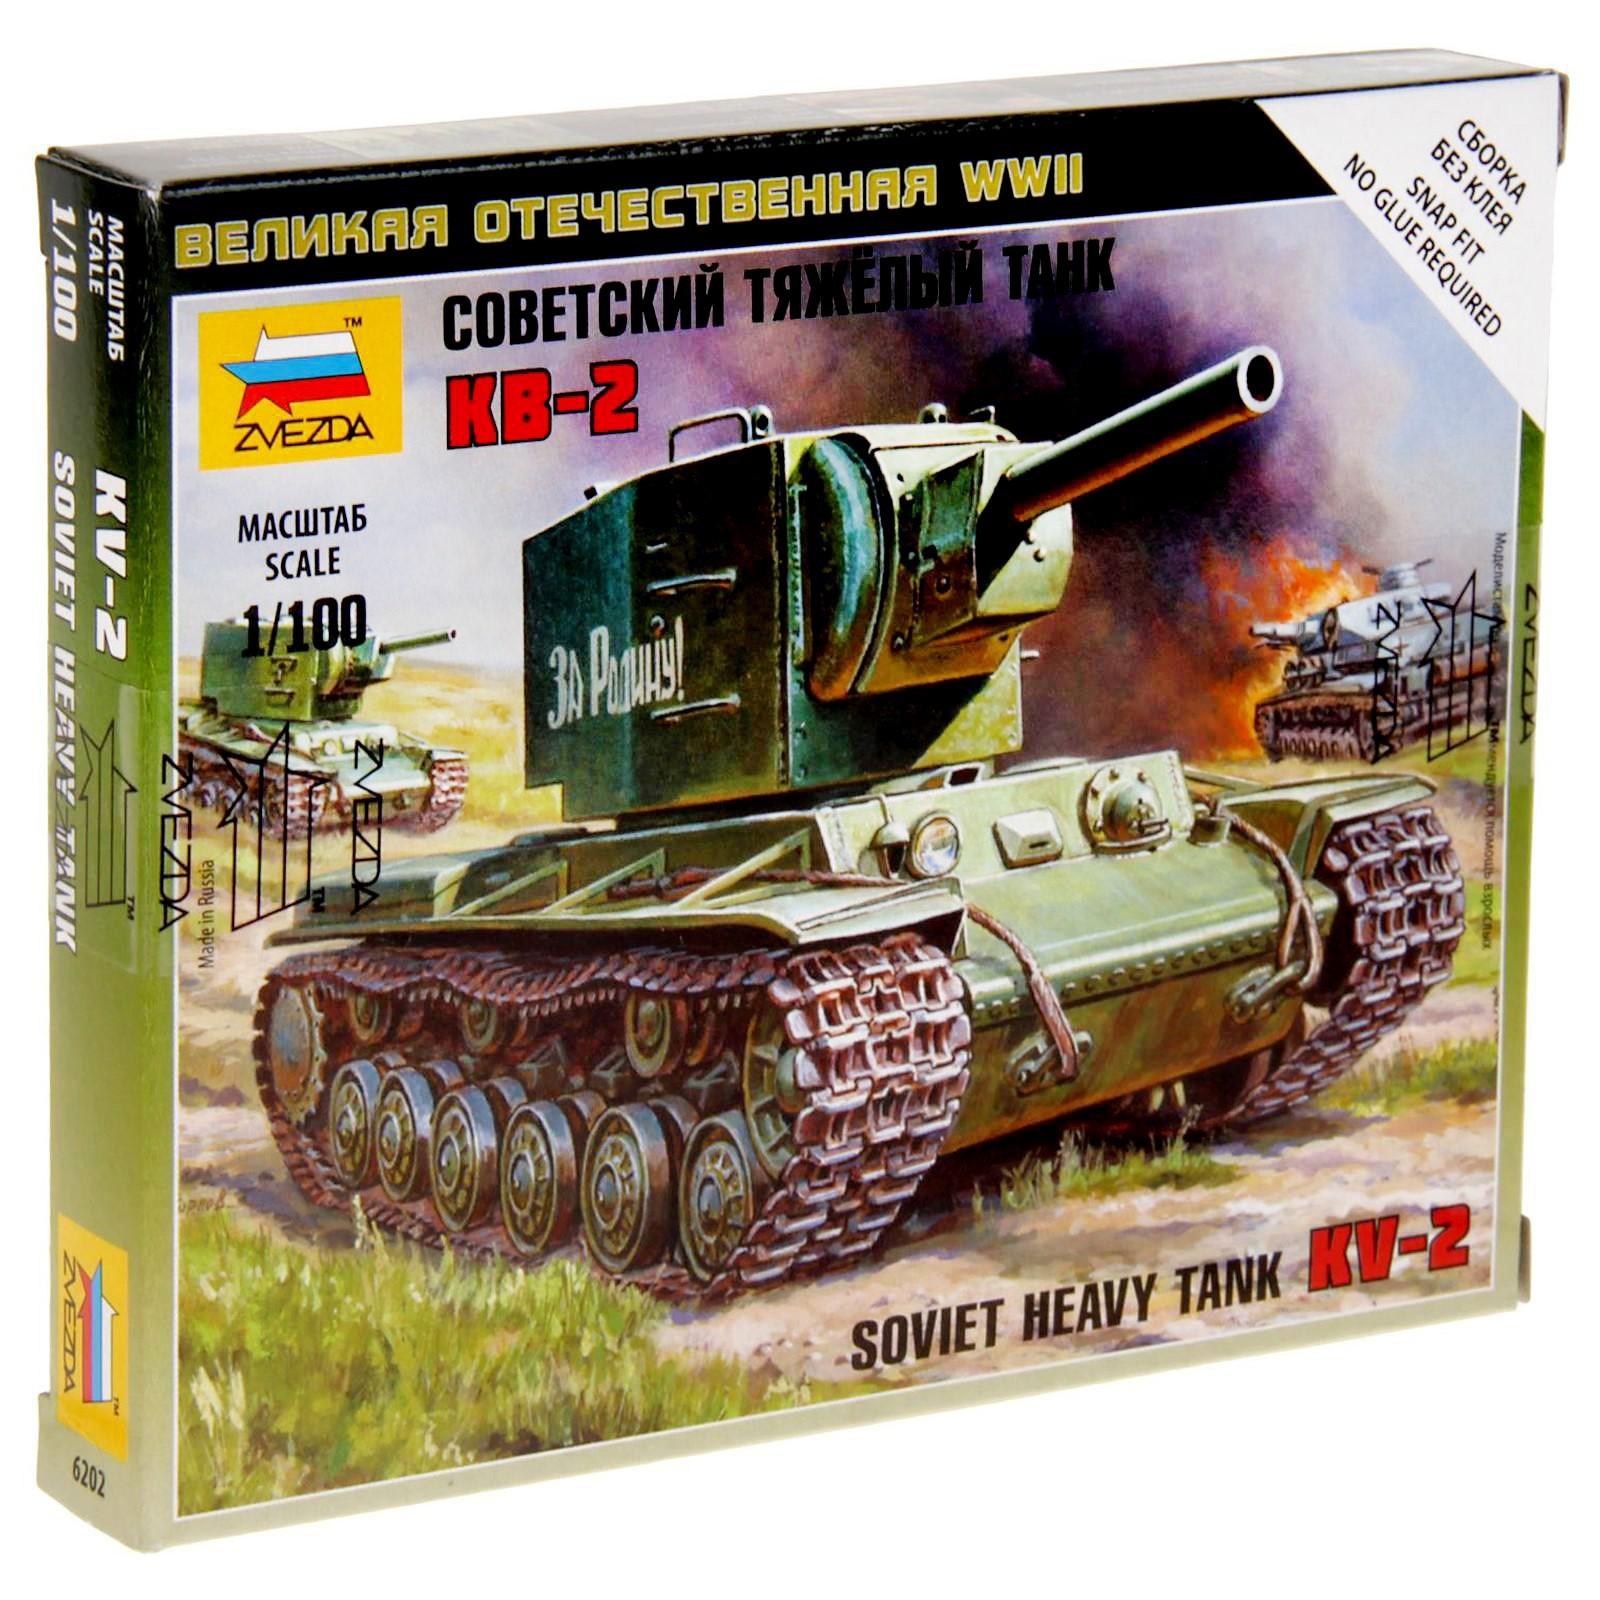 a32403ca3 Сборная модель «Советский тяжелый танк КВ-2» (530083) - Купить по ...